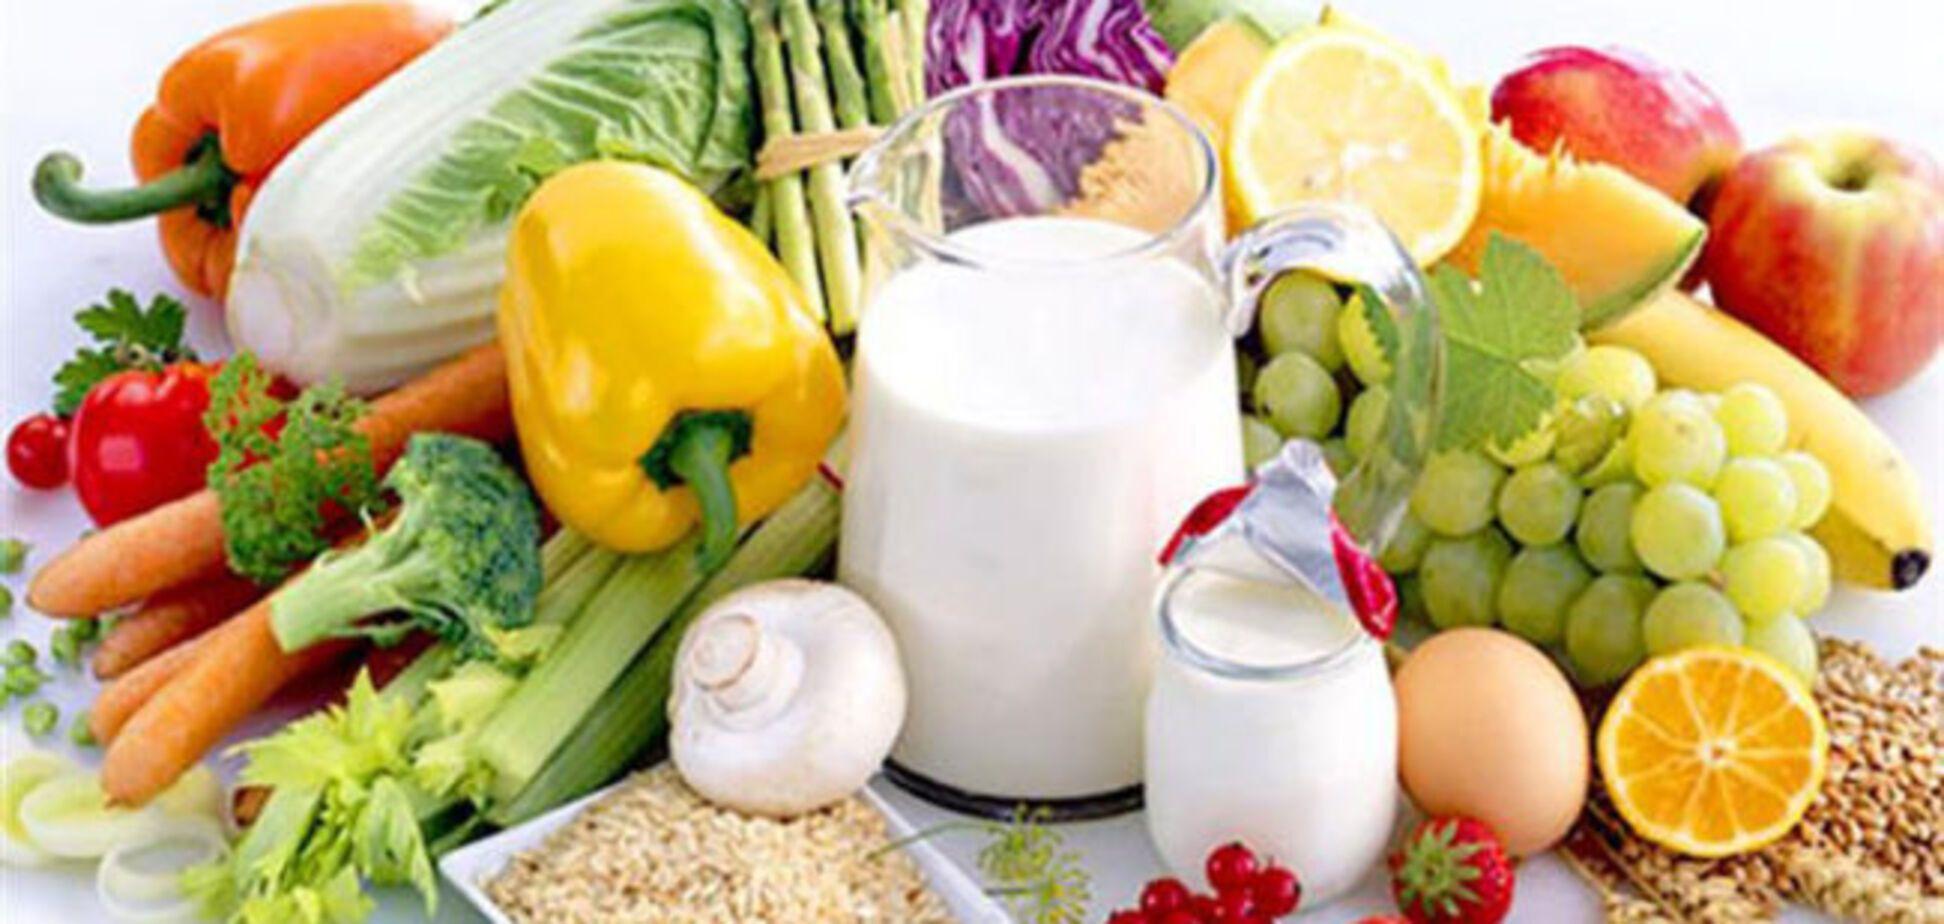 15 суперкорисних продуктів, які потрібно вживати якомога частіше